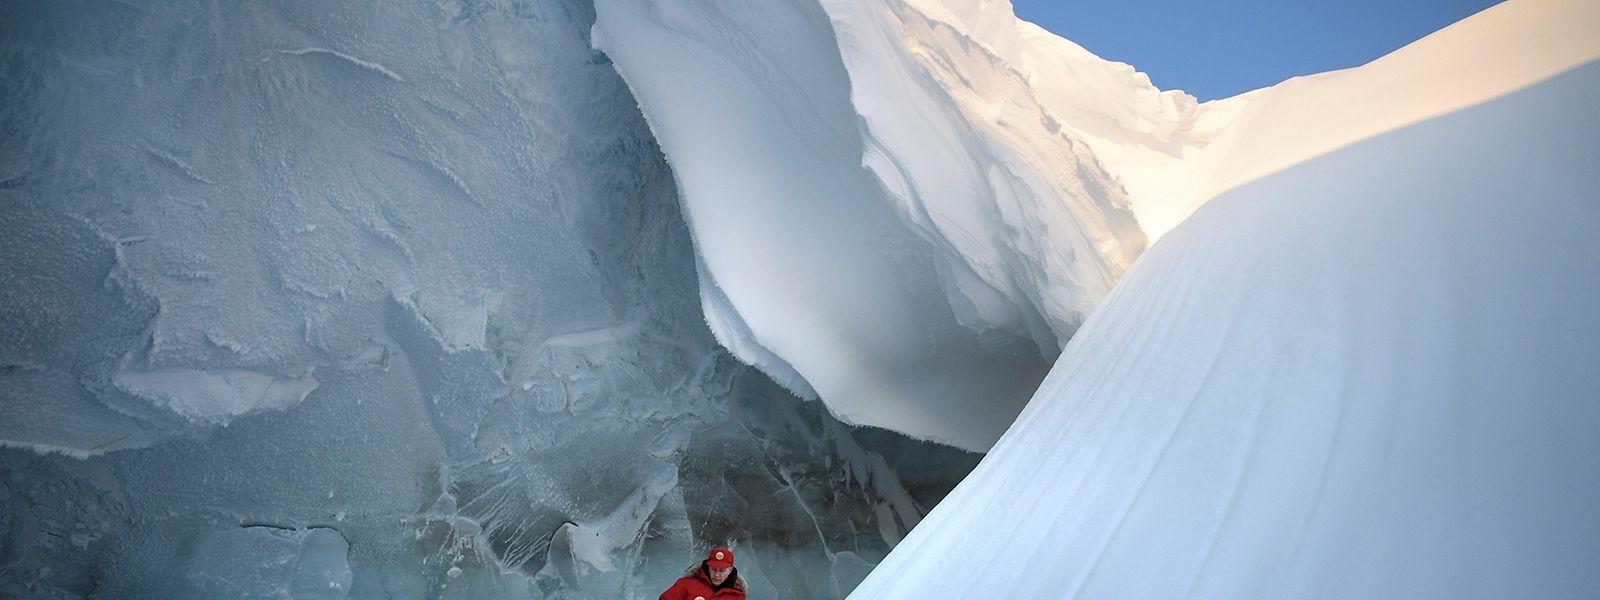 Der russische Präsident Wladimir Putin besuchte auf der Alexandra Landinsel die arktischen Gletscher der abgelegenen Franz-Josef-Land Inselgruppe.